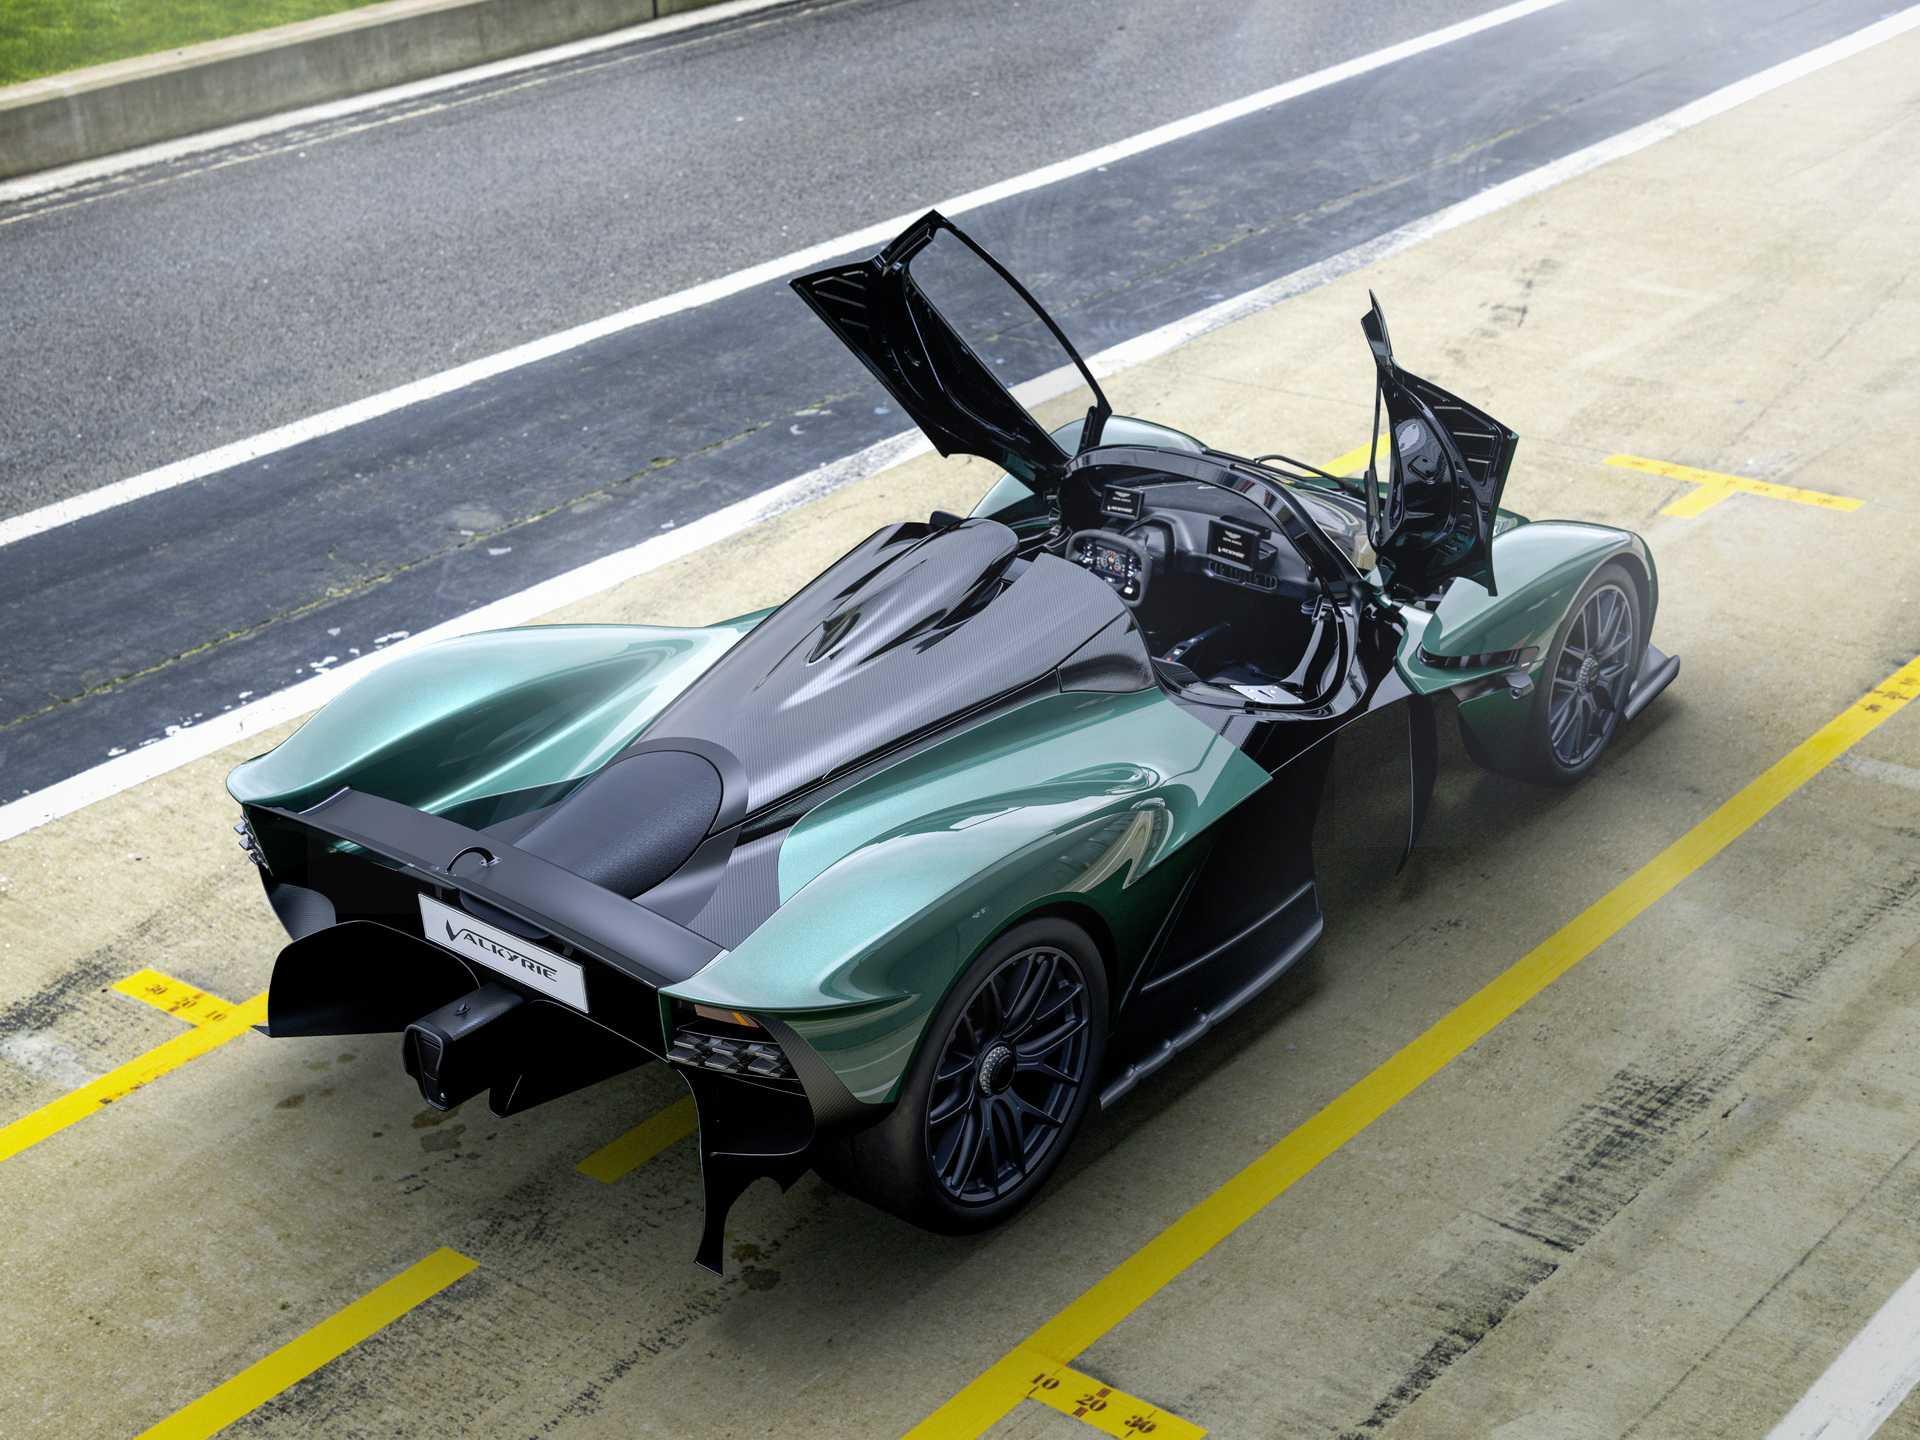 Aston-Martin-Valkyrie-Spider-siêu-phẩm-mui-trần-mạnh-1160-mã-lực (7).jpg